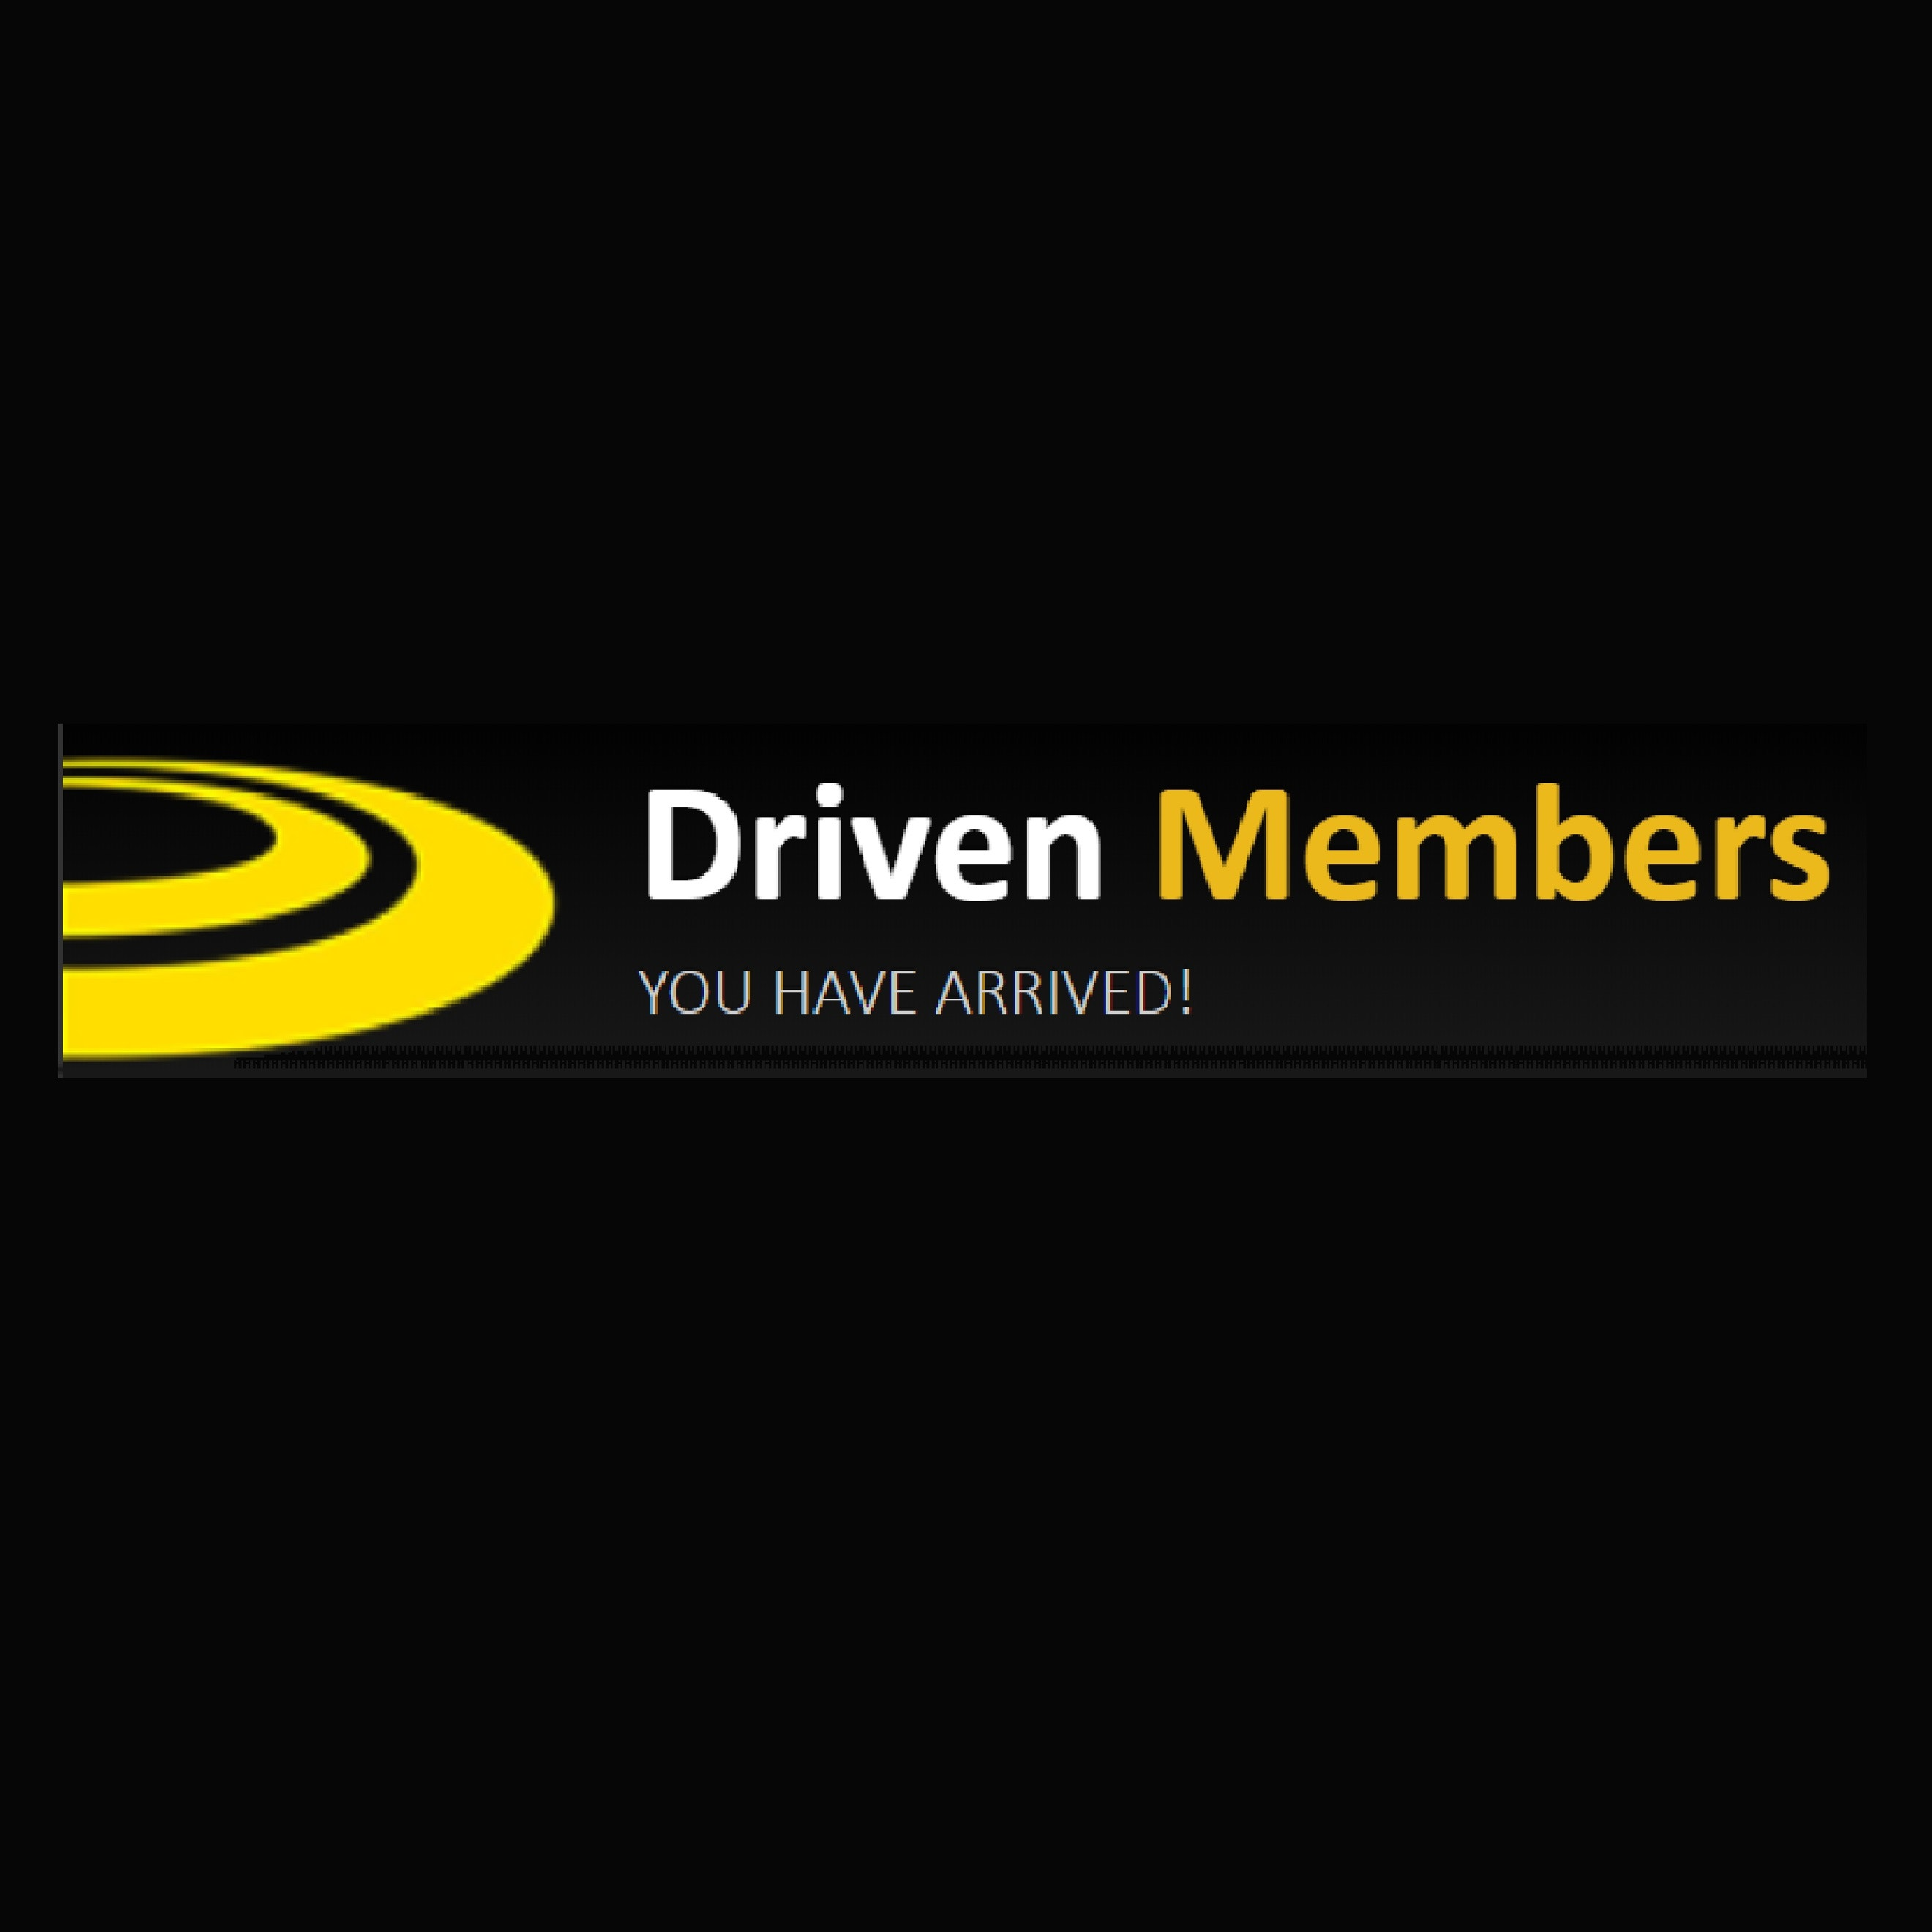 Driven Members